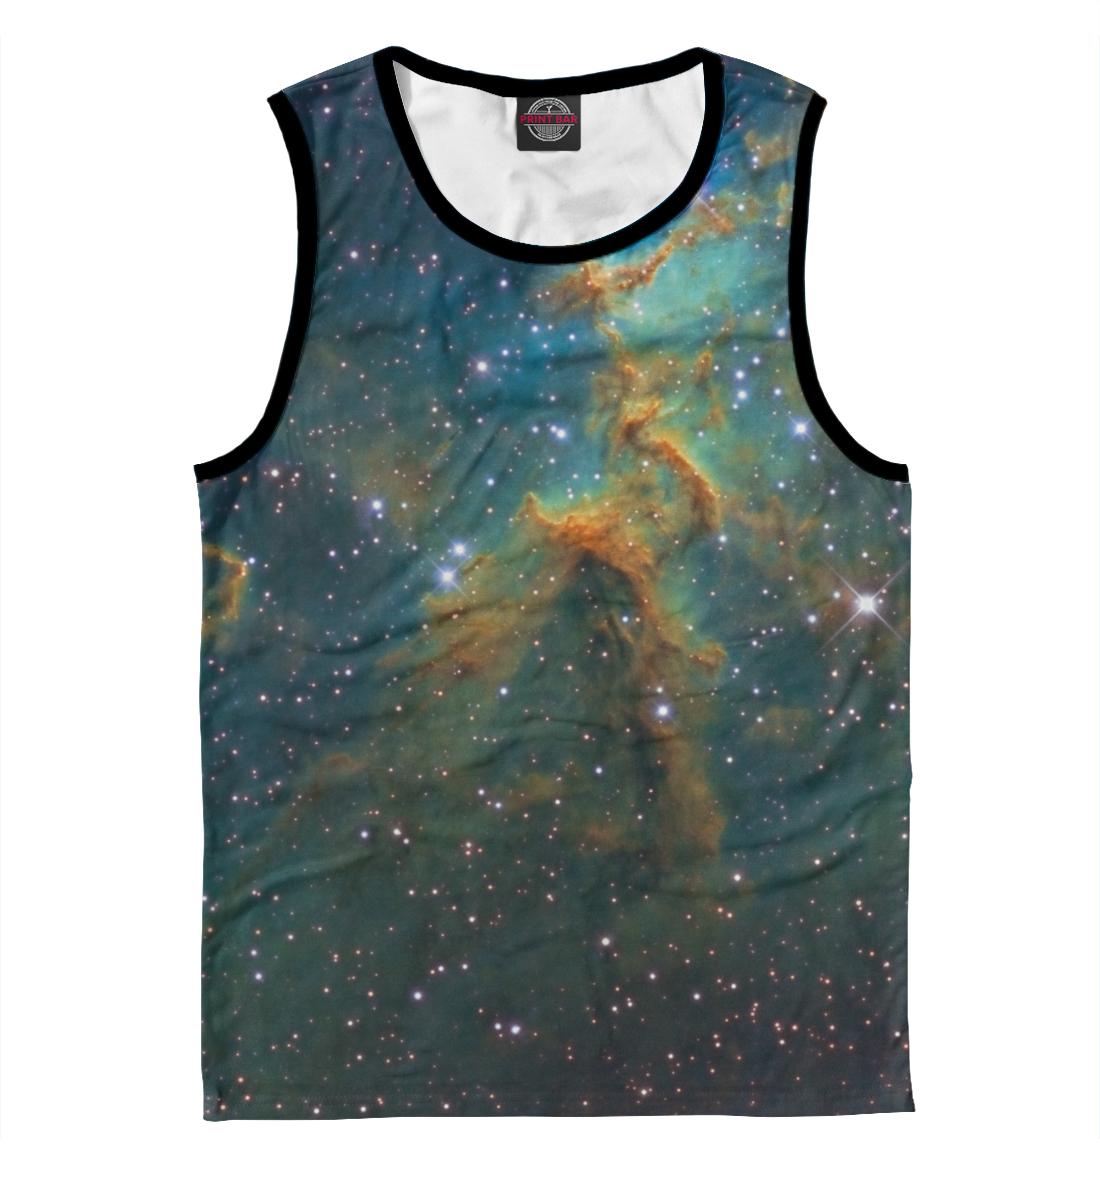 Купить Космос, ты просто космос, Printbar, Майки, SPA-624746-may-2